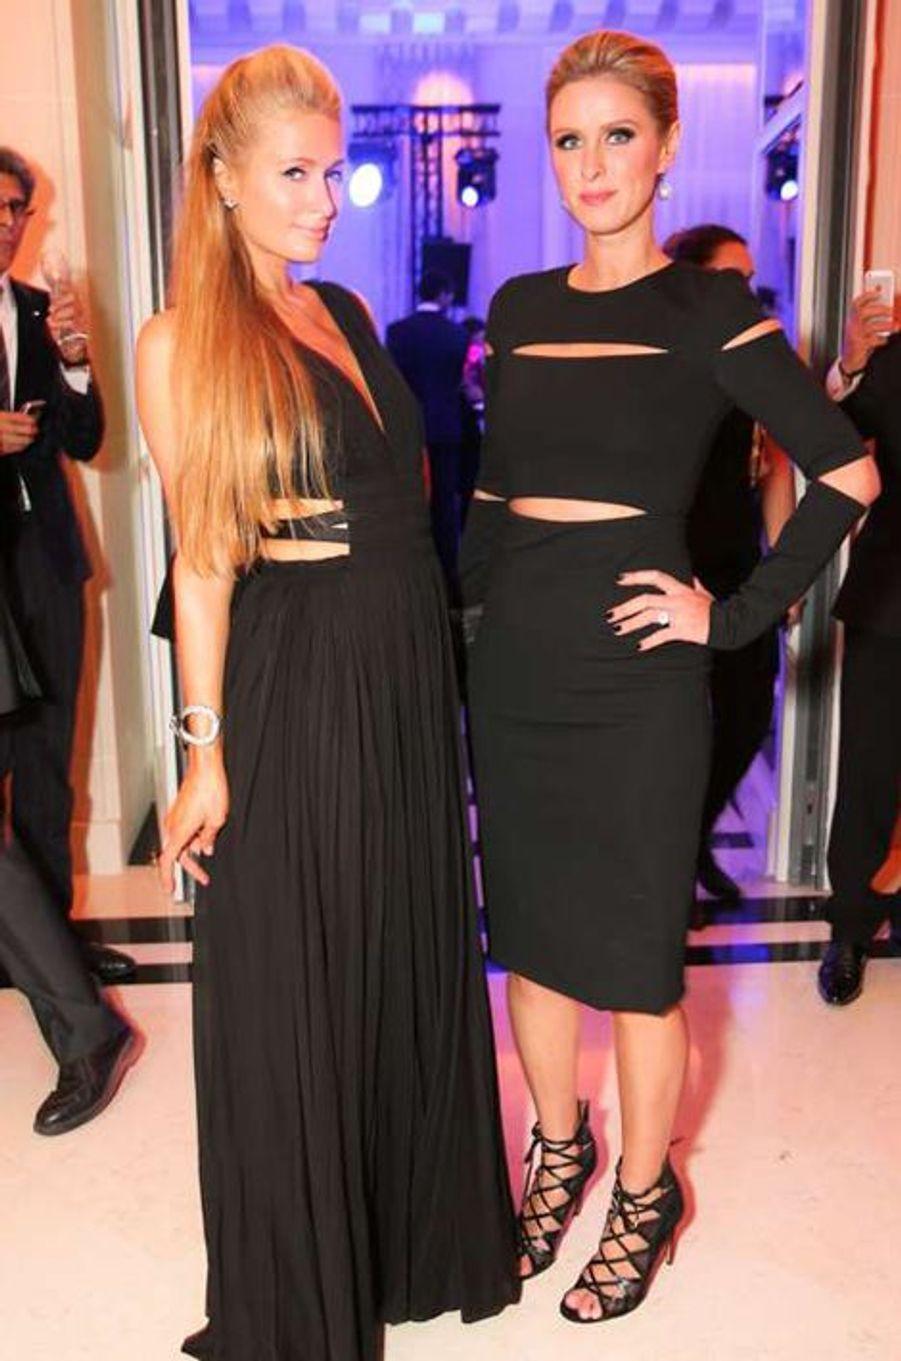 Paris et Nicky Hilton à la soirée CR Fashion Book organisée à Paris le mardi 30 septembre 2014